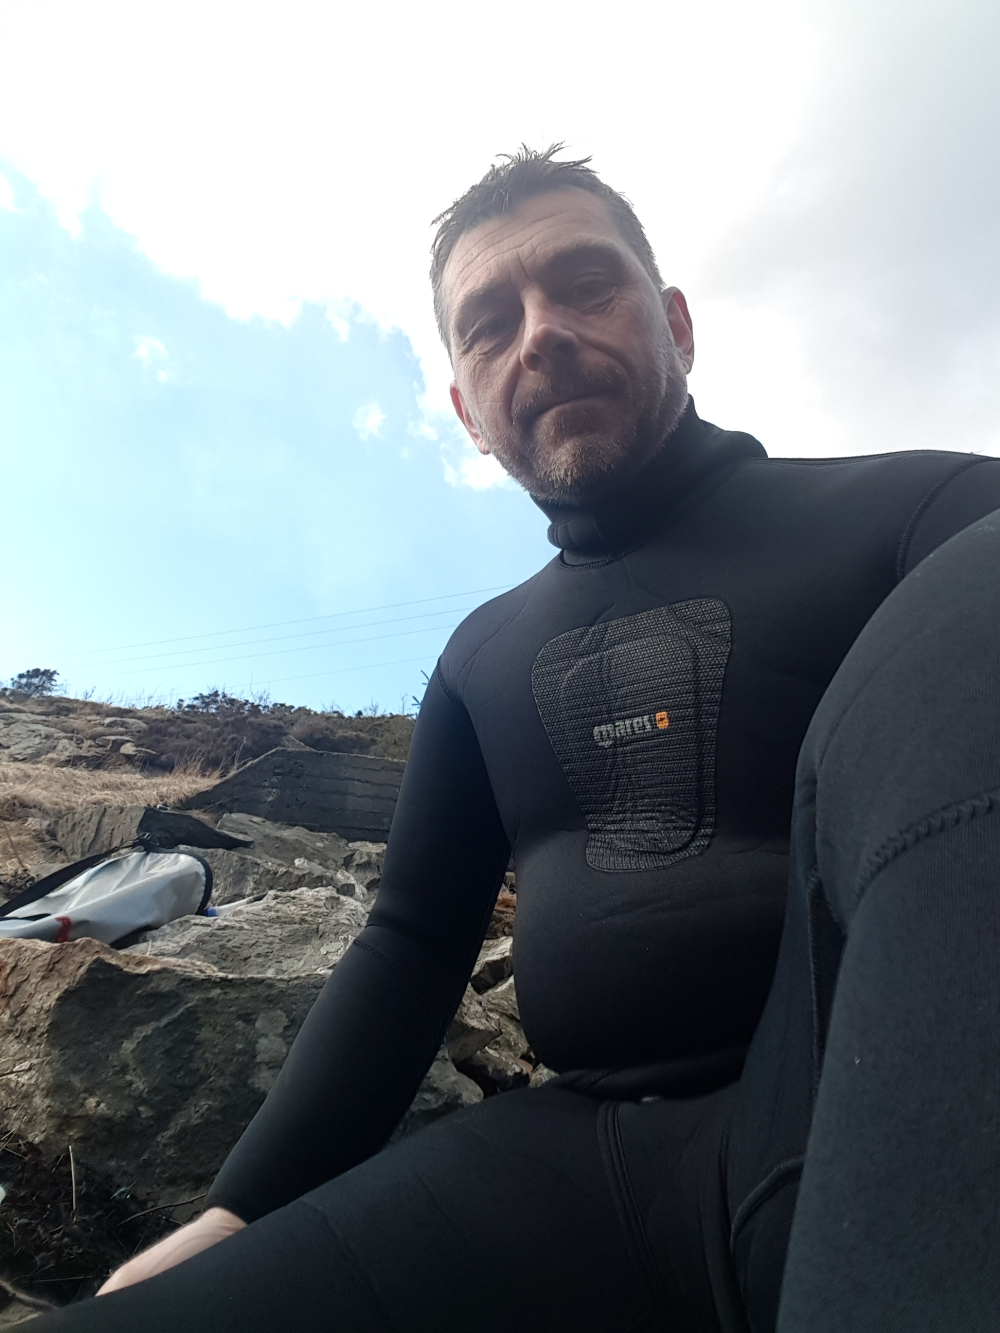 Fridykking vest i havet!